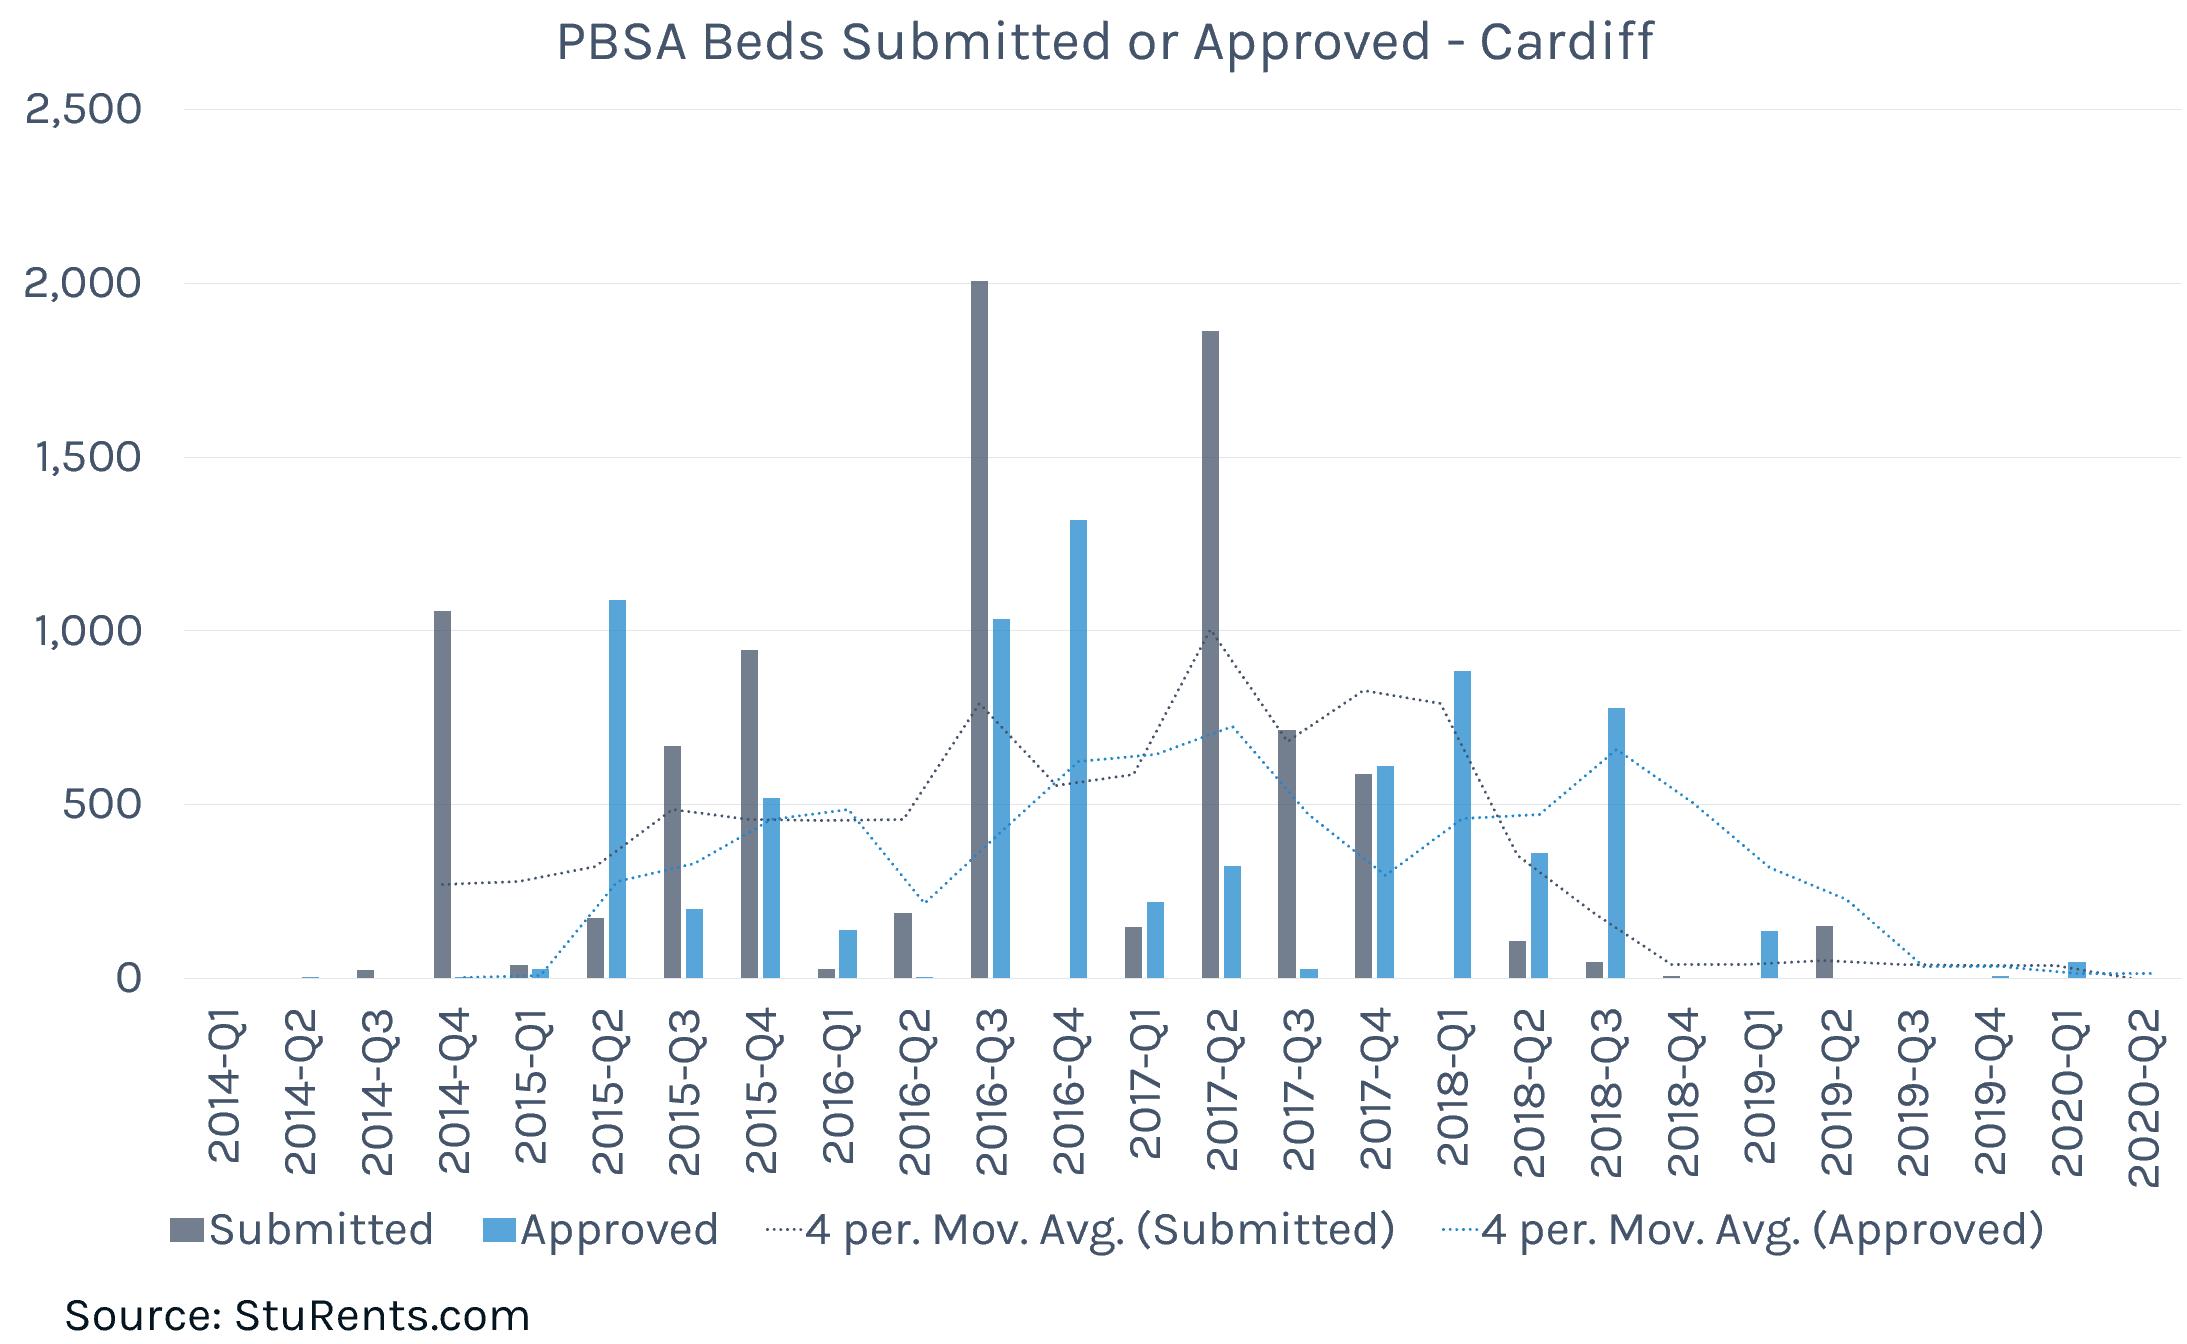 PBSA Planning Cardiffmax-width:100 height=